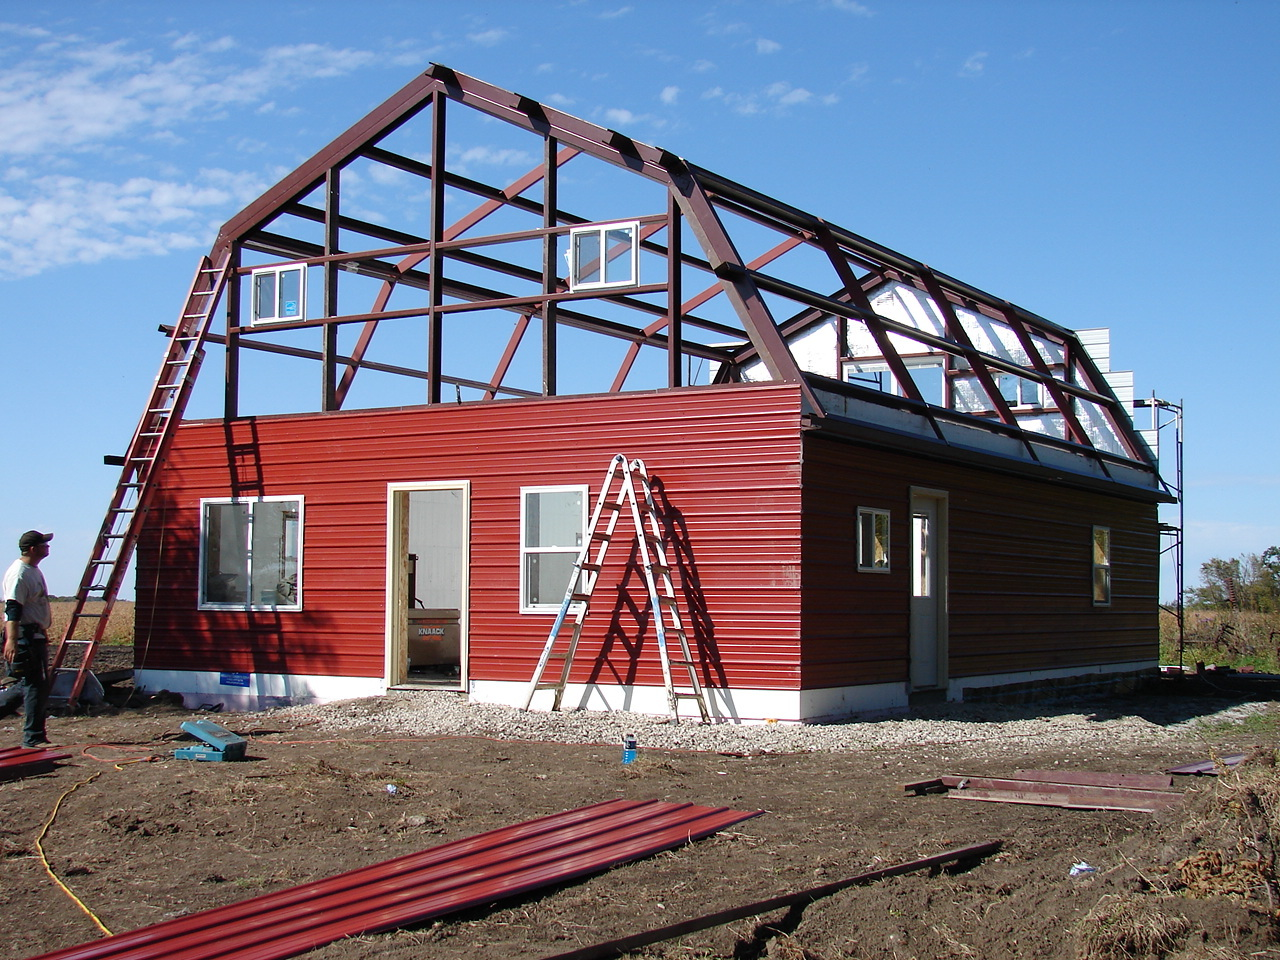 Wright Barn